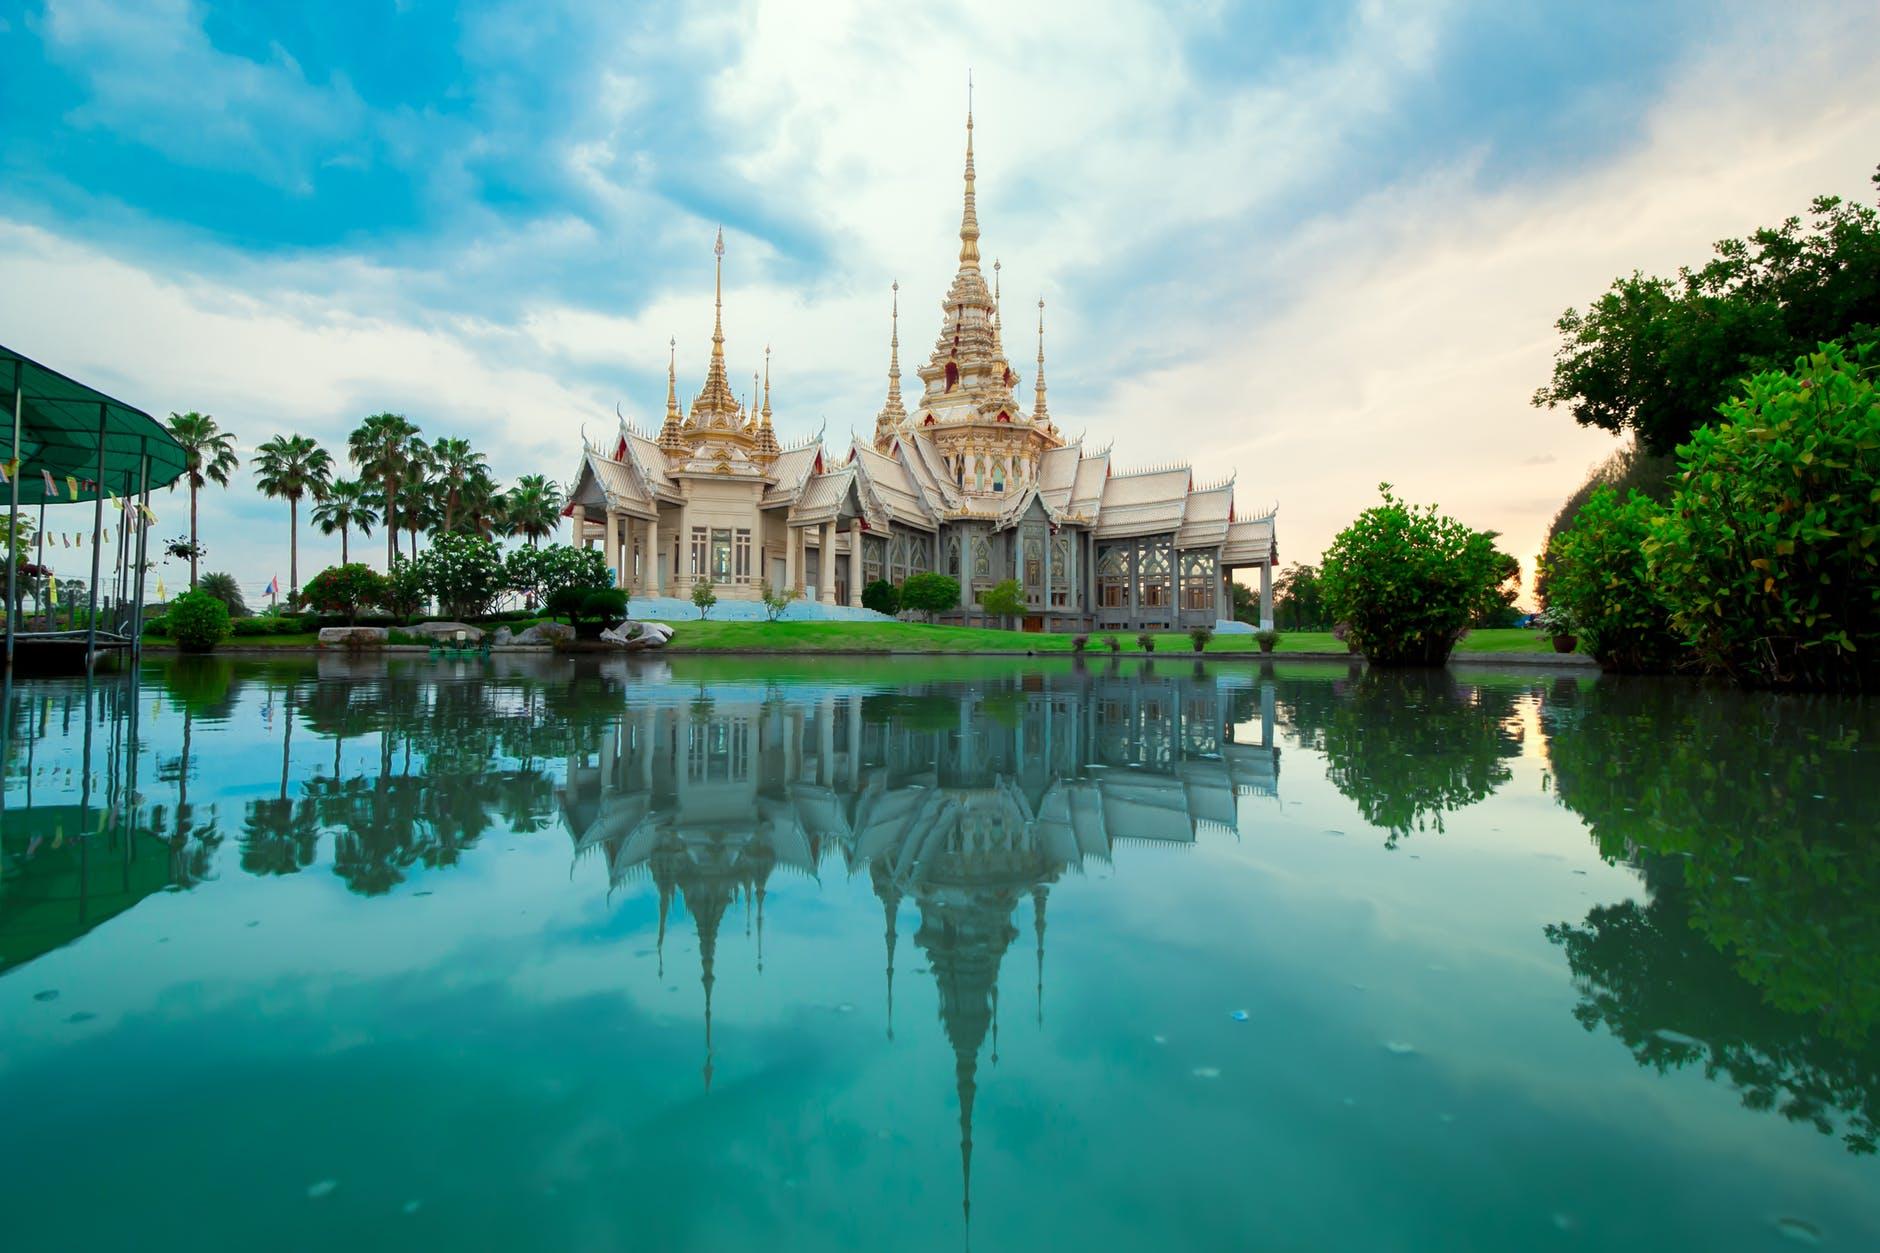 architecture art beautiful buddhism